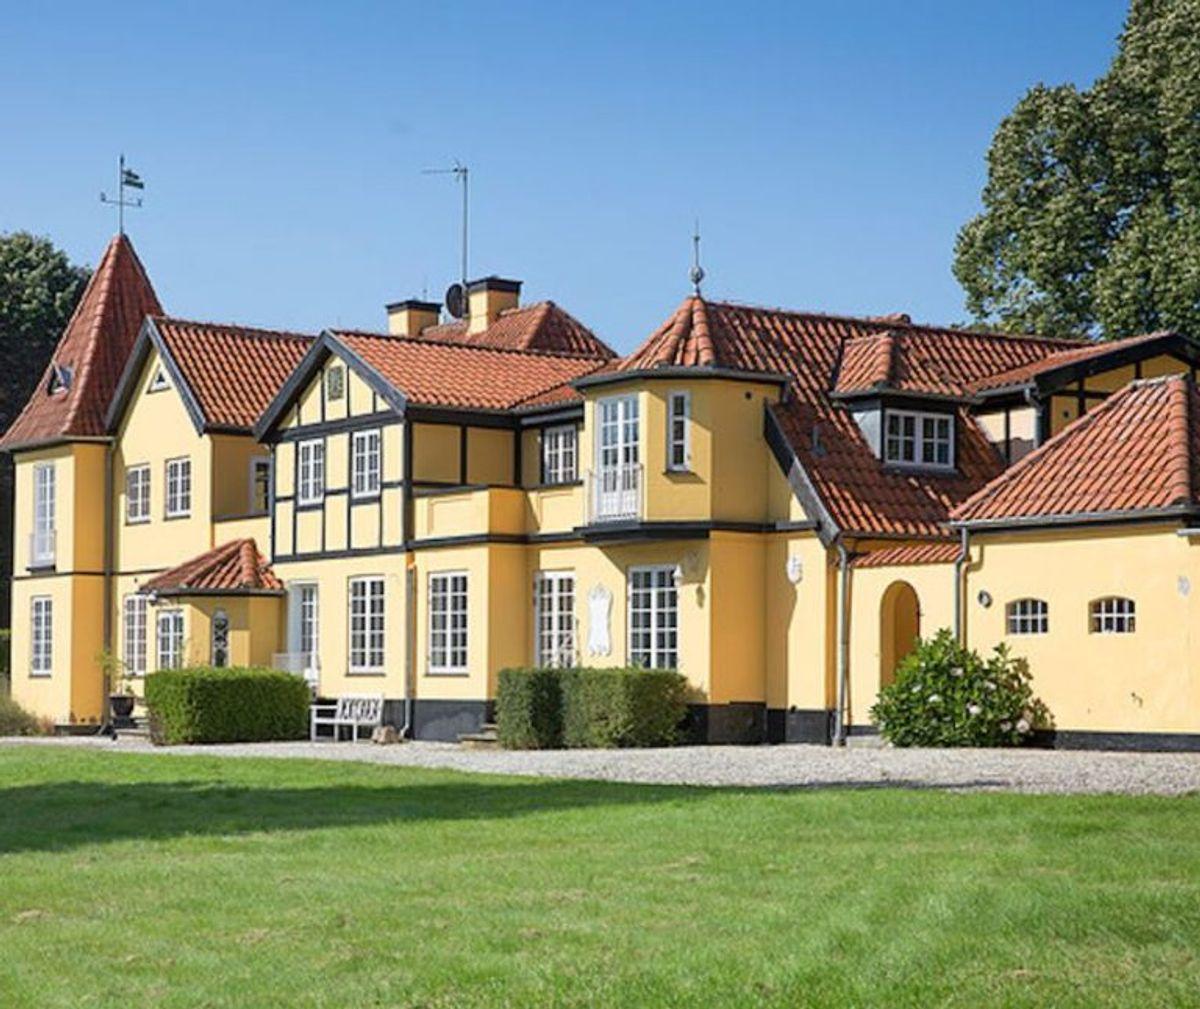 Sådan ser det ud, Øxenholm. Fotos: Ejendomsmægler Irving Jensen & Co.